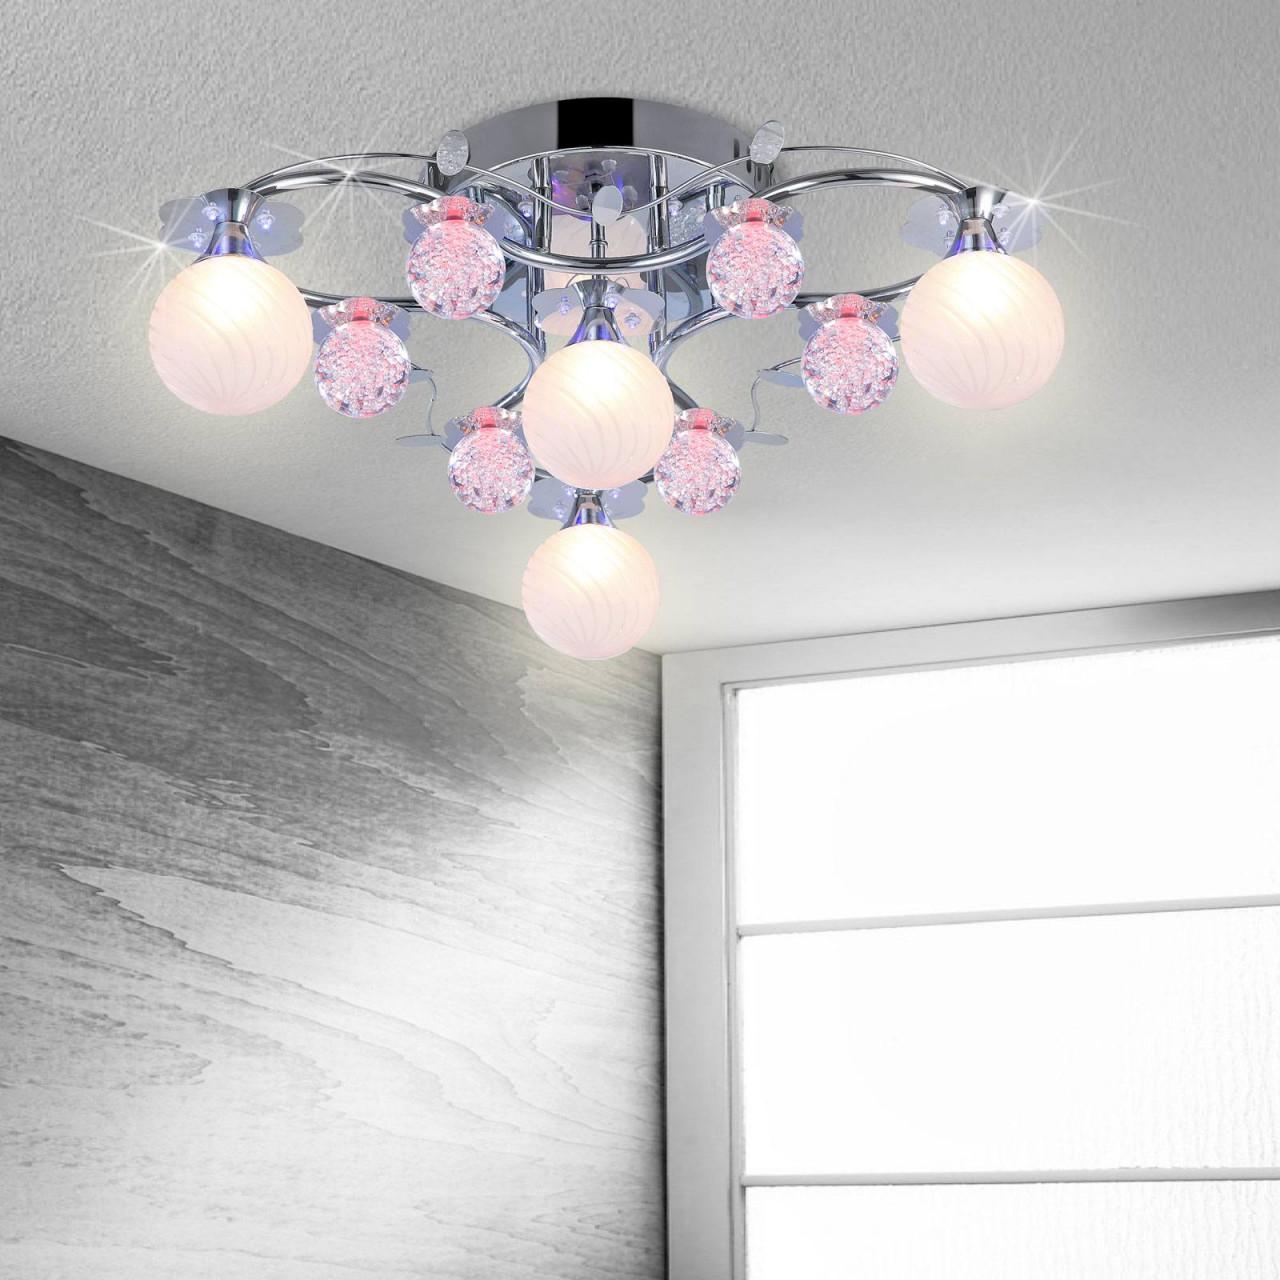 Led Deckenlampe Wohnzimmer Schlafzimmer Leuchte Farbwechsel 4 Flammig von Wohnzimmer Led Deckenlampe Bild